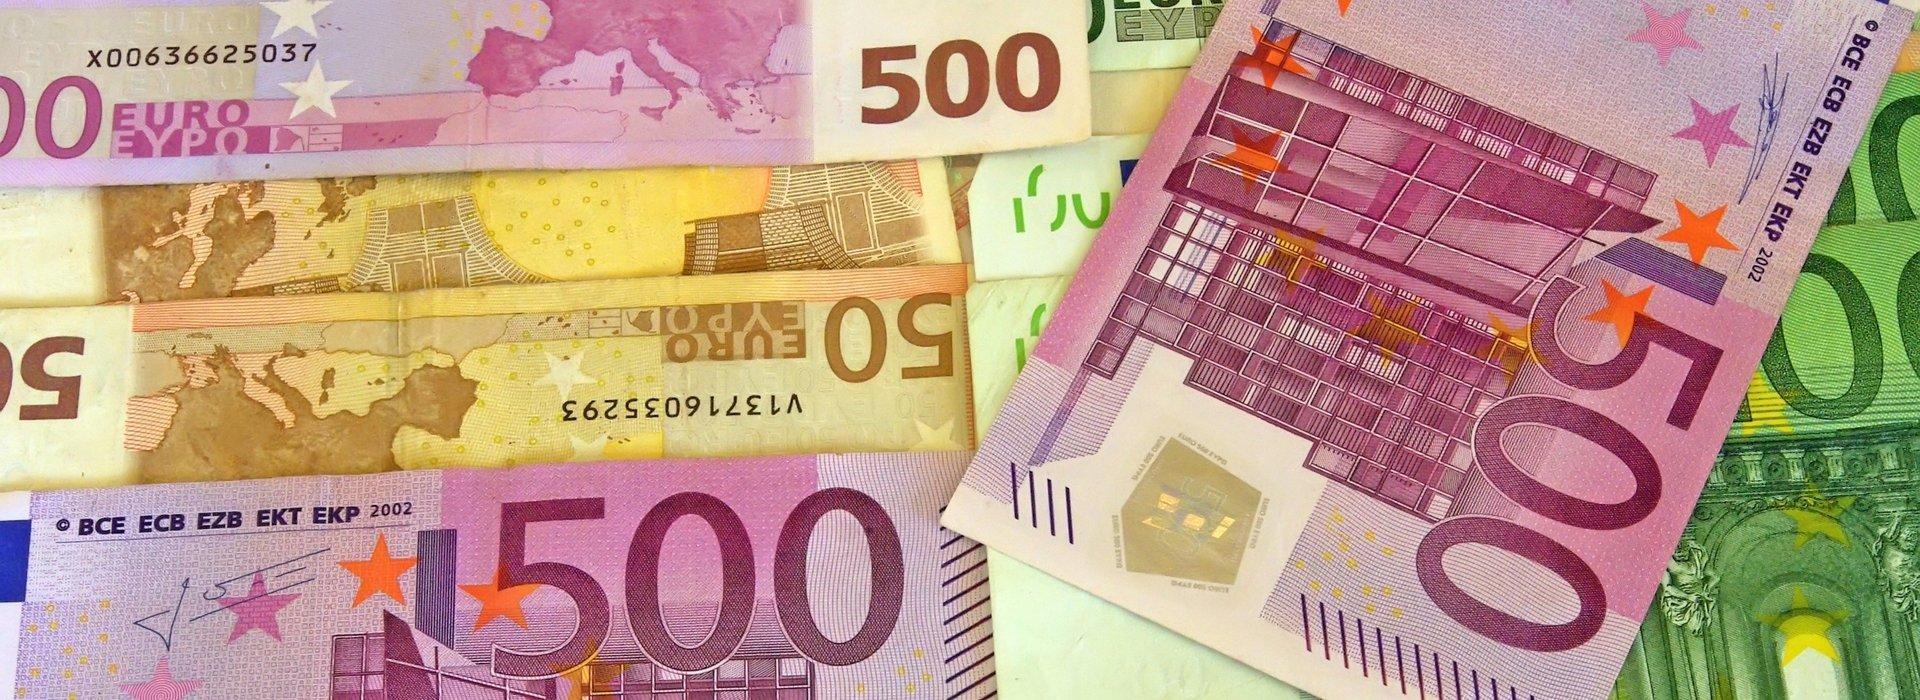 Pénz, árak és költségek Budapesten – Általános Információk Budapest